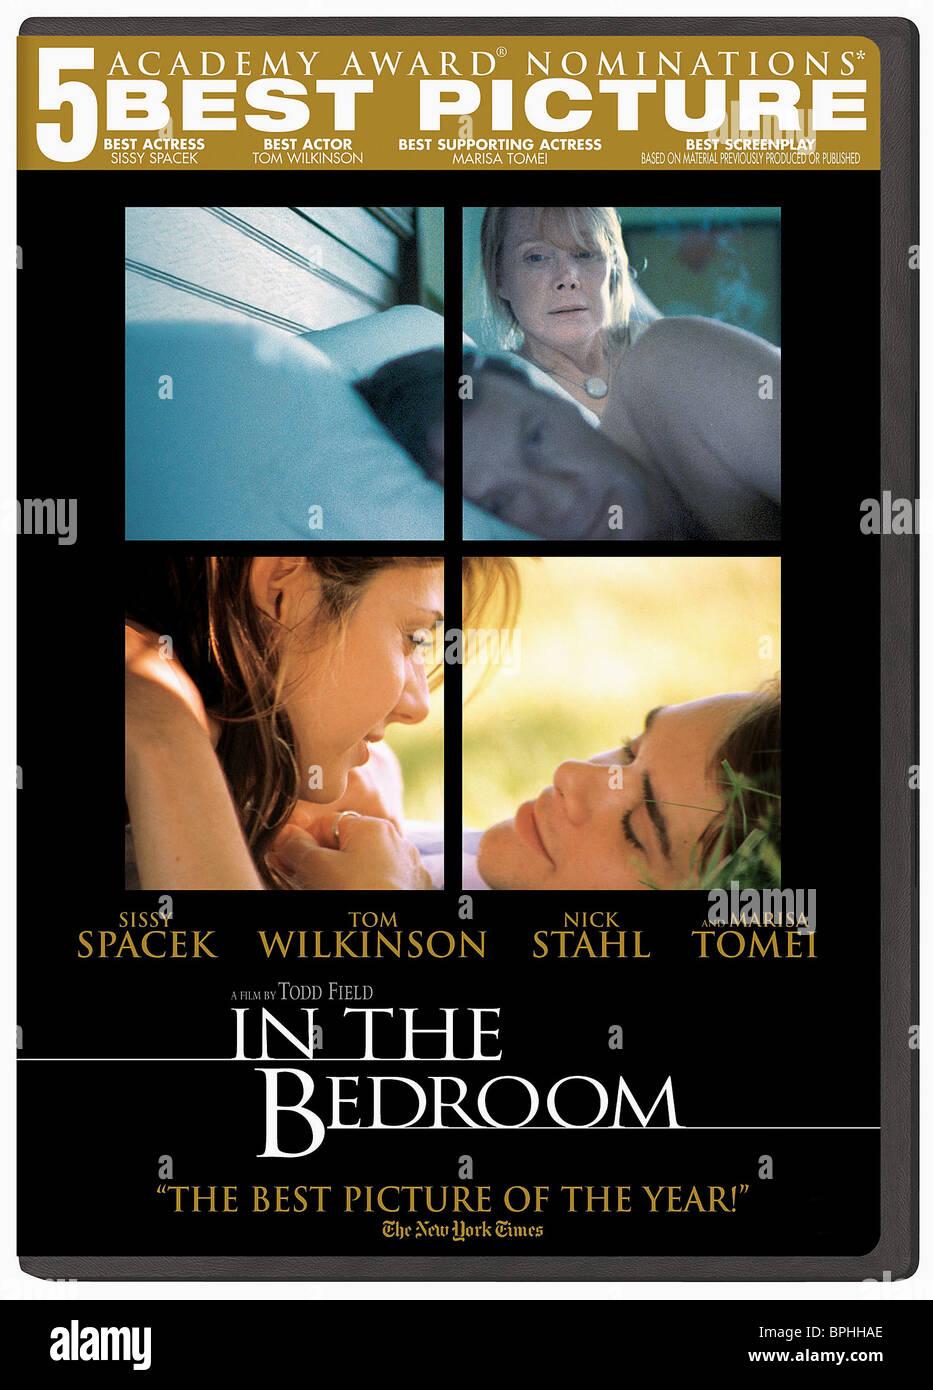 SISSY SPACEK TOM WILKINSON MARISA TOMEI U0026 NICK STAHL IN THE BEDROOM (2001)